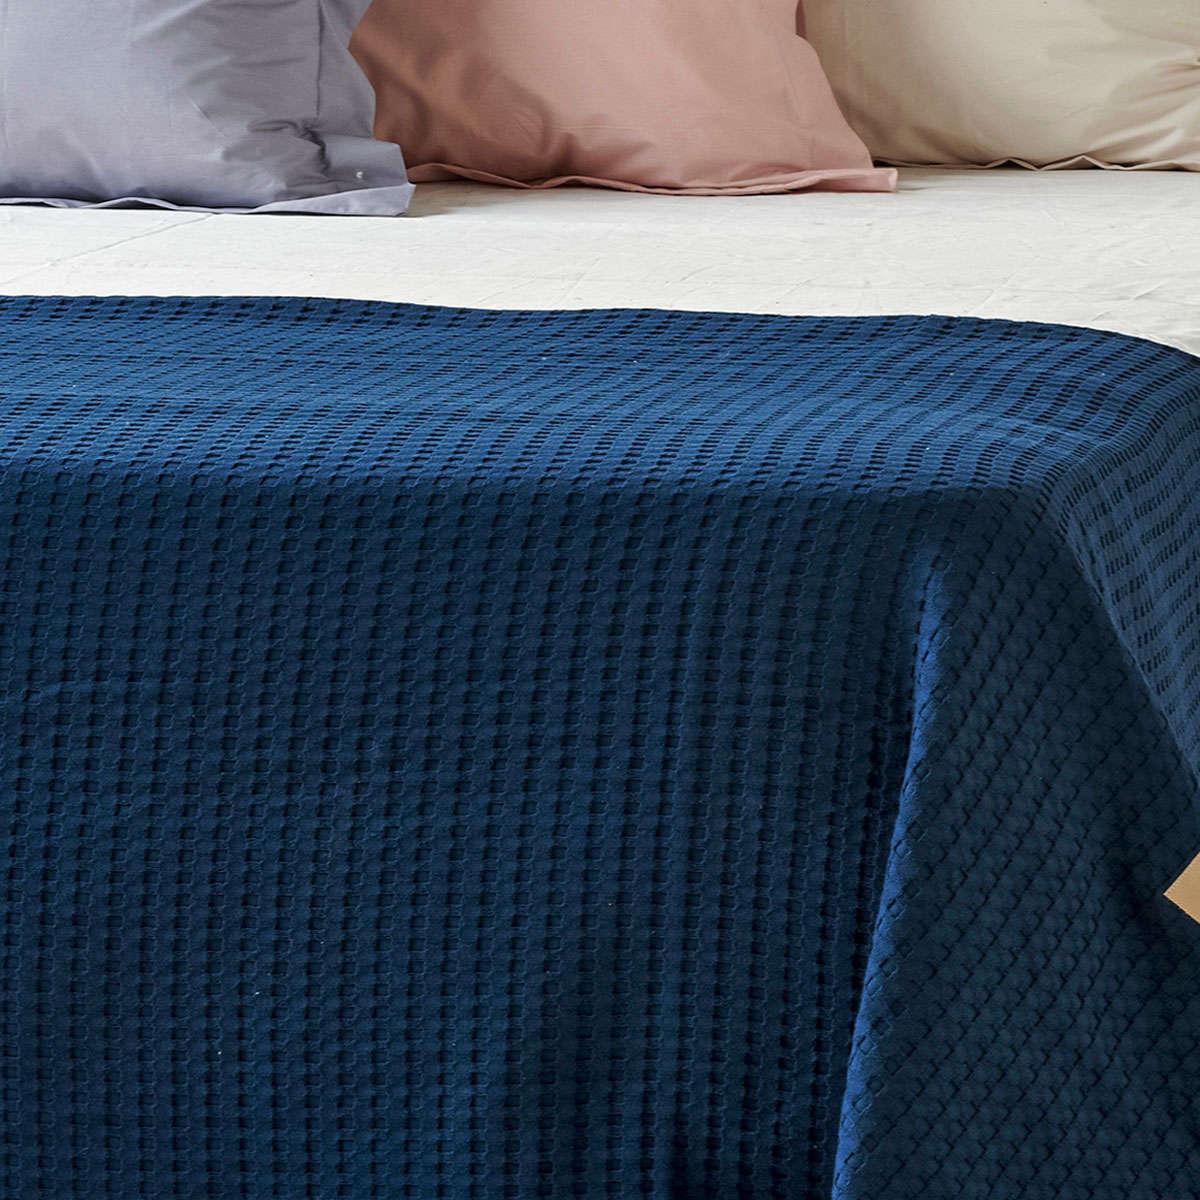 Κουβέρτα Mariner 01 Blue Kentia Διπλό 170x240cm